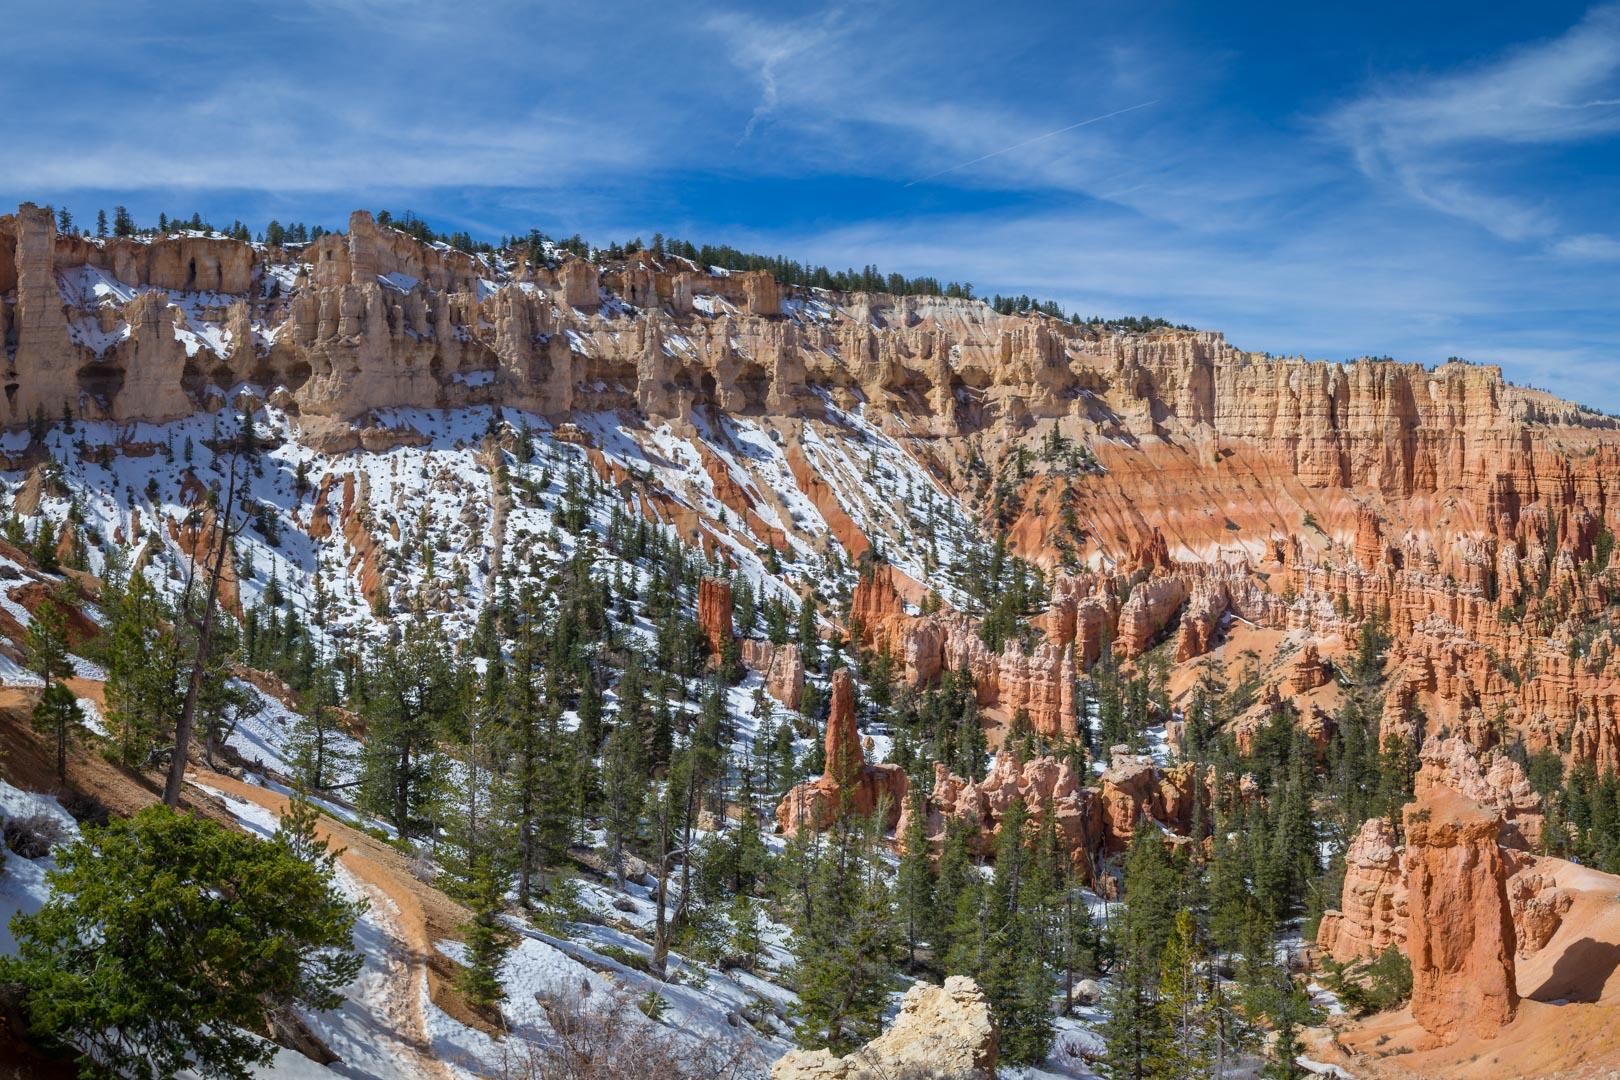 La neige ponctue le paysage orange et vert